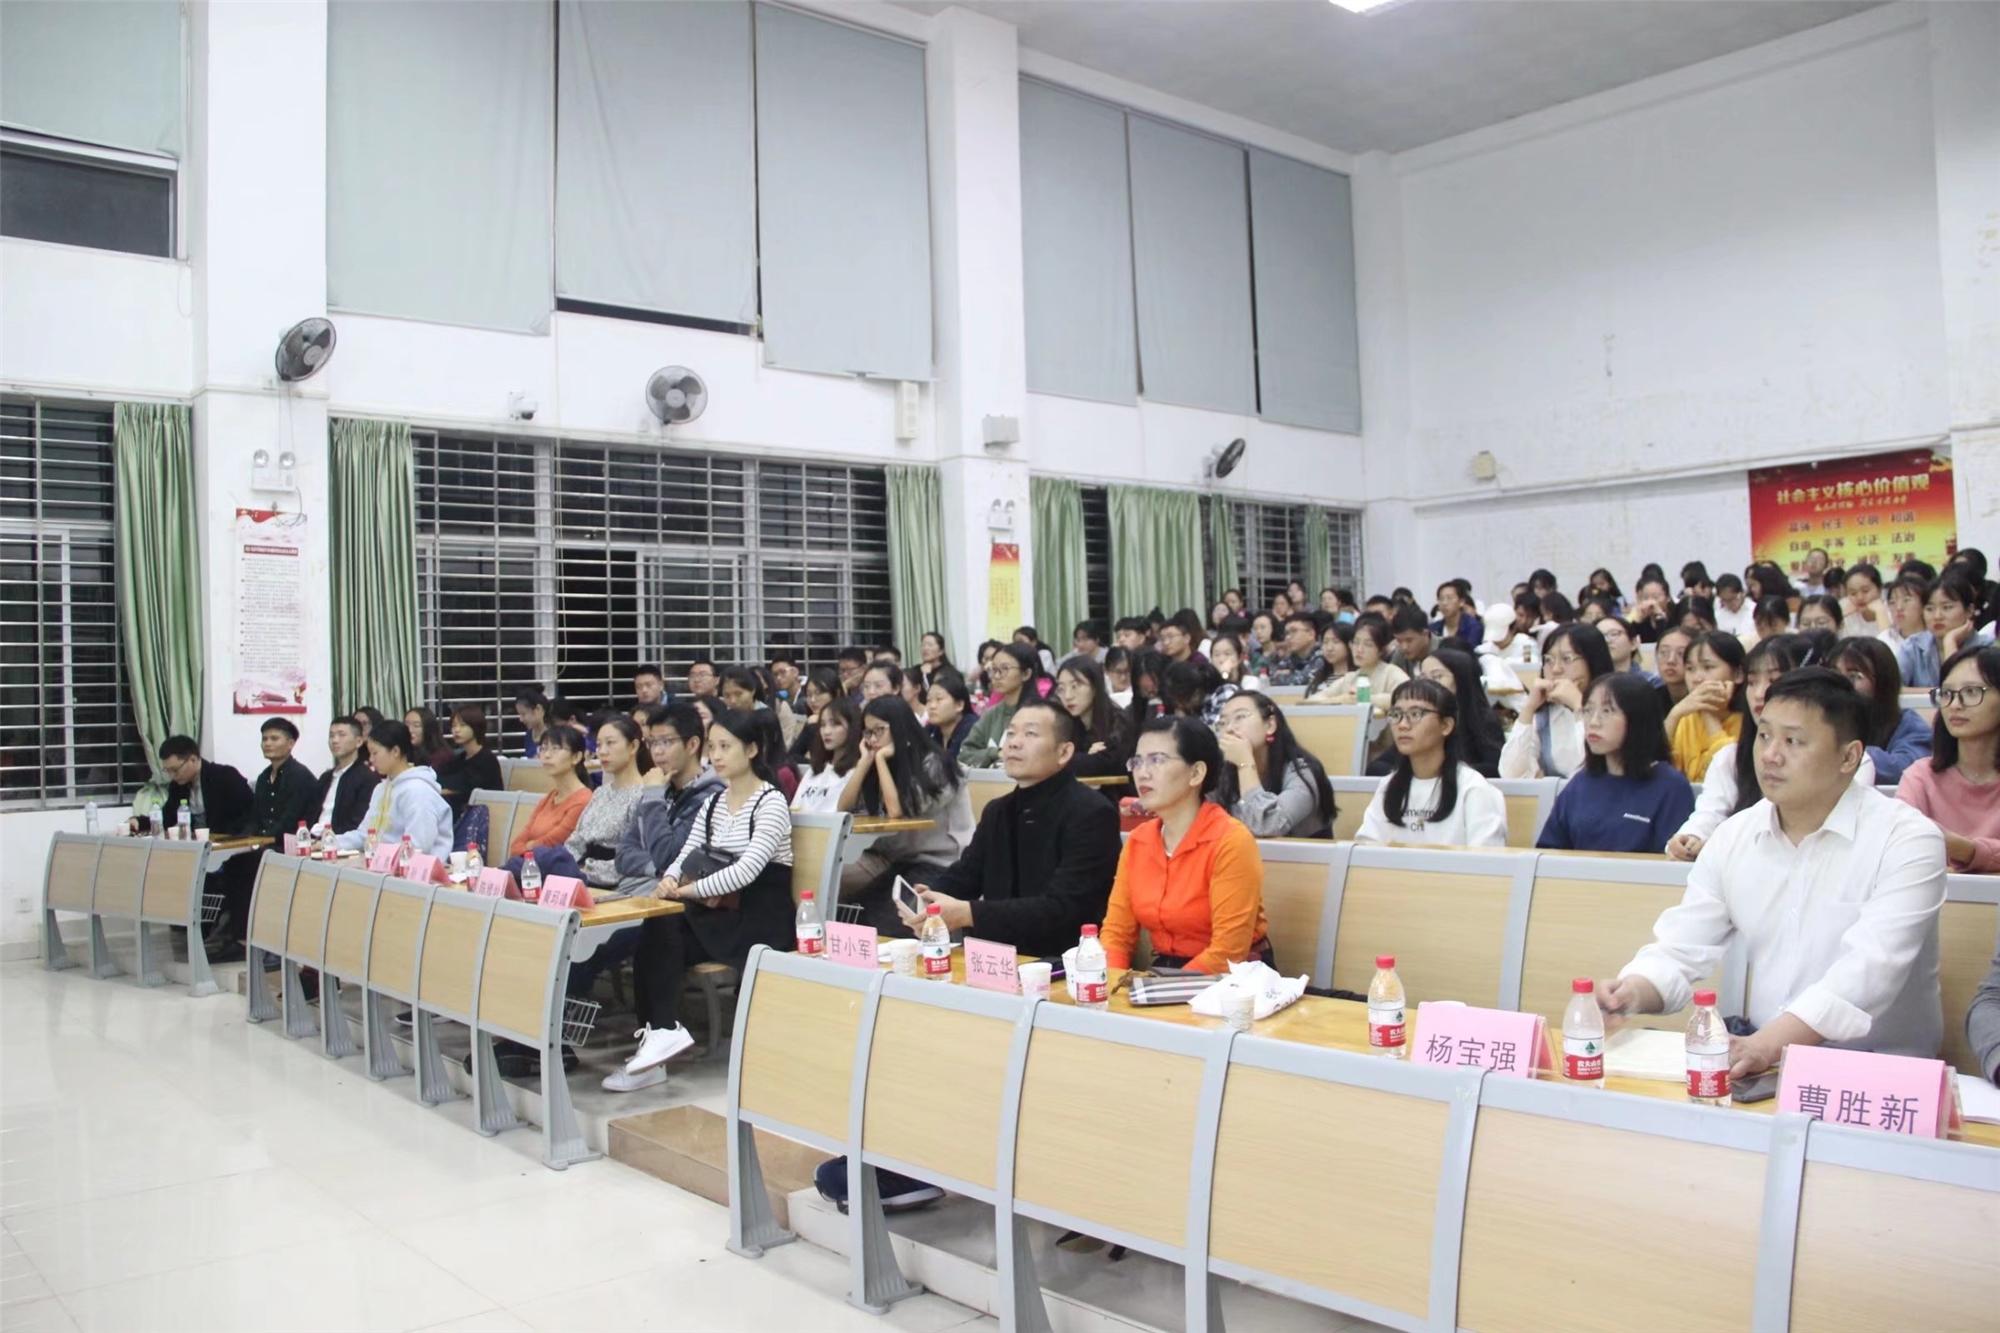 中国人民大学朱青教授到我校讲学